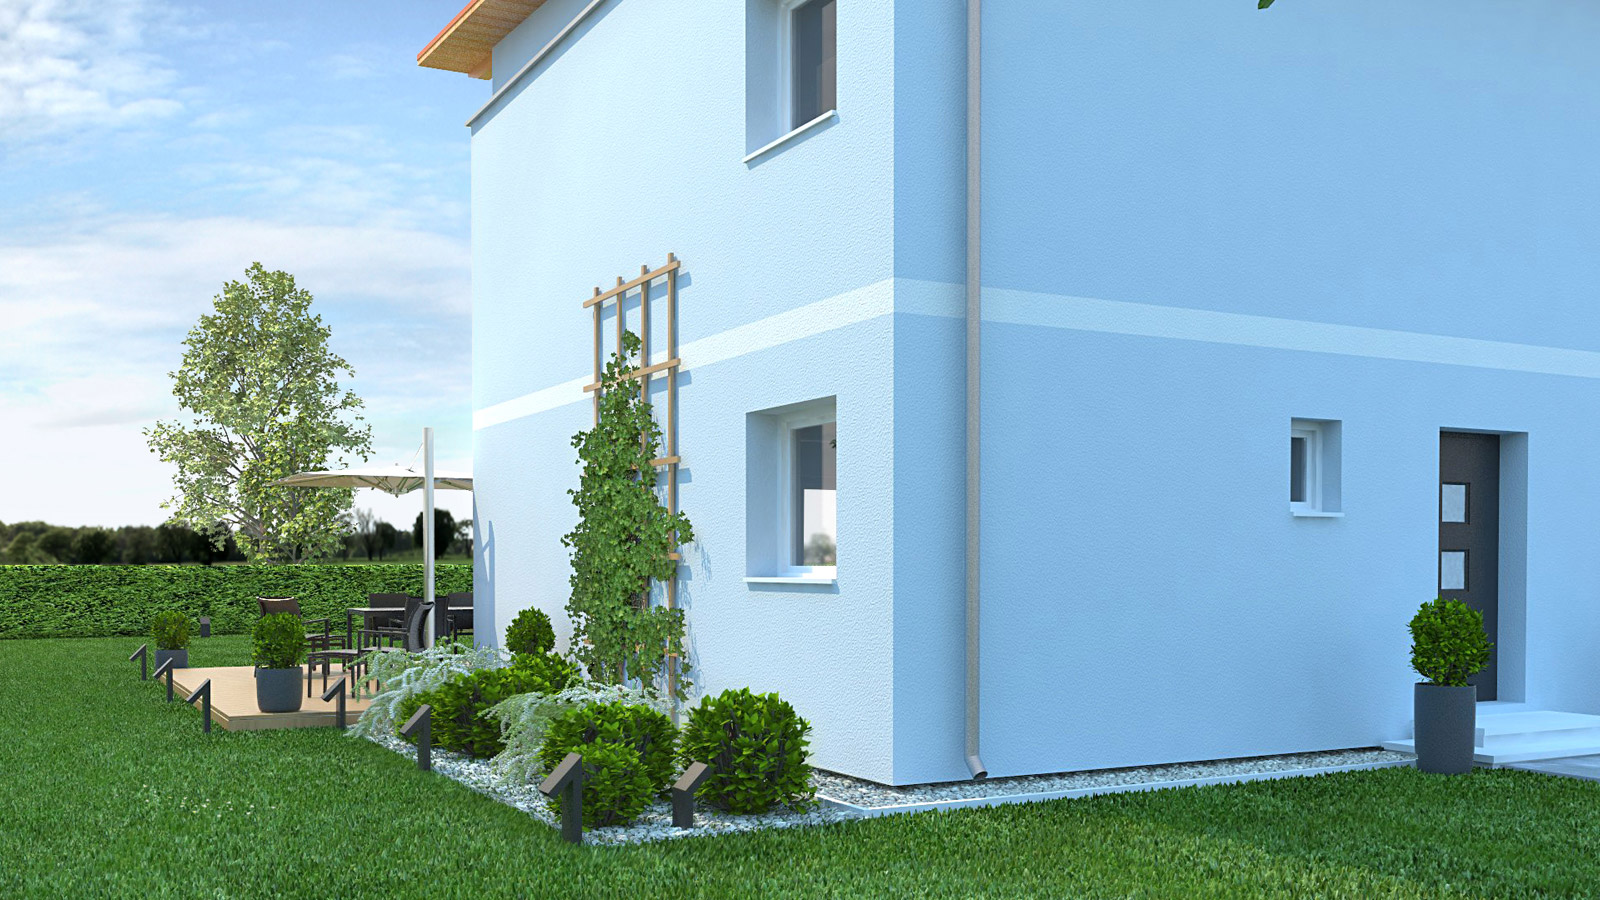 http://www.dasloewenhaus.at/wp-content/uploads/2017/02/Loewenhaus_Yellow_Detailansicht_Pultdach_Haus-blau.jpg